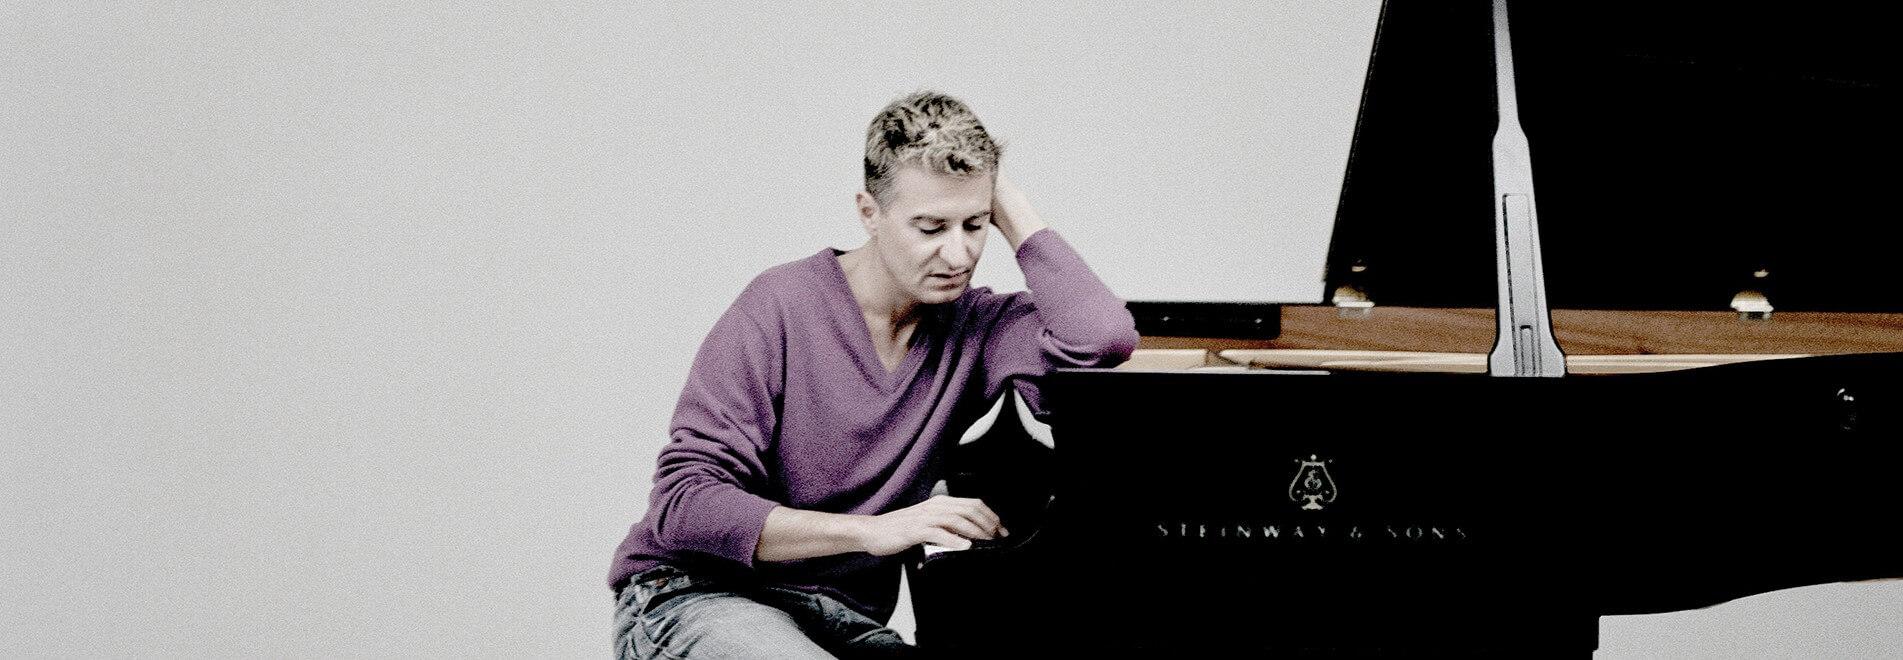 Meesterpianisten in Het Concertgebouw 2020-2021